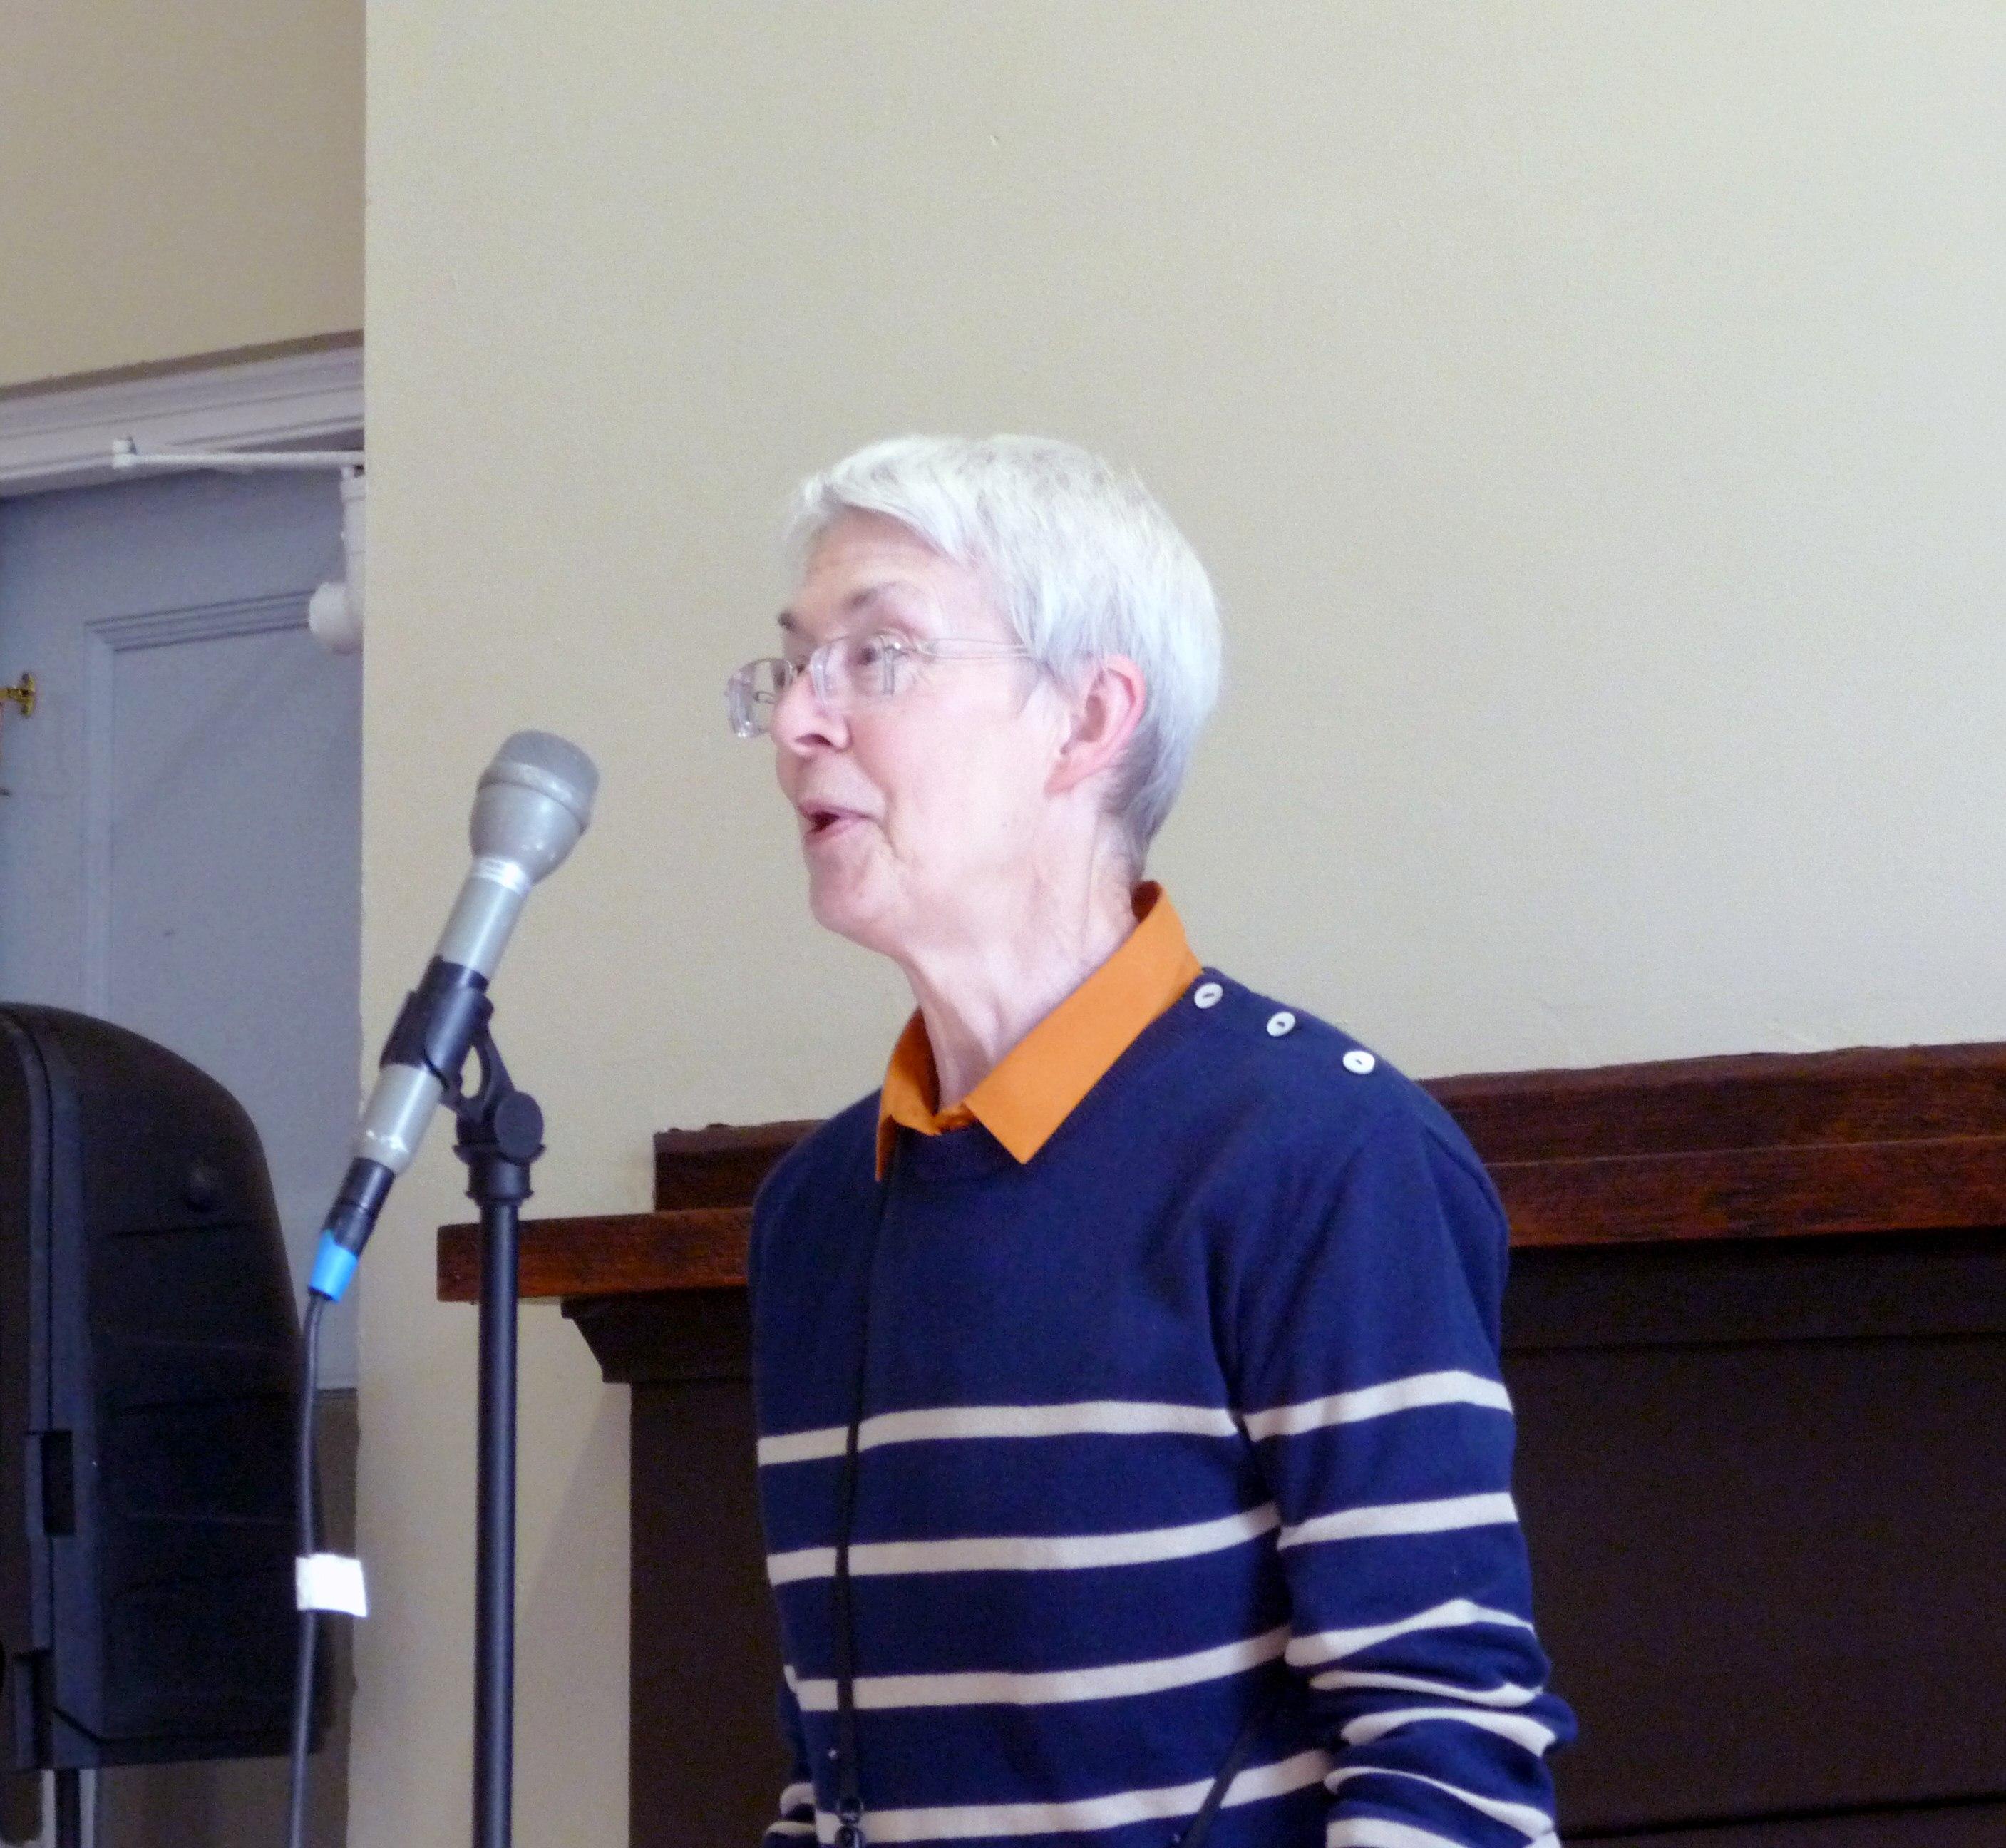 Diana Shone from Altrincham EG speaking at MEG, Sept 2015